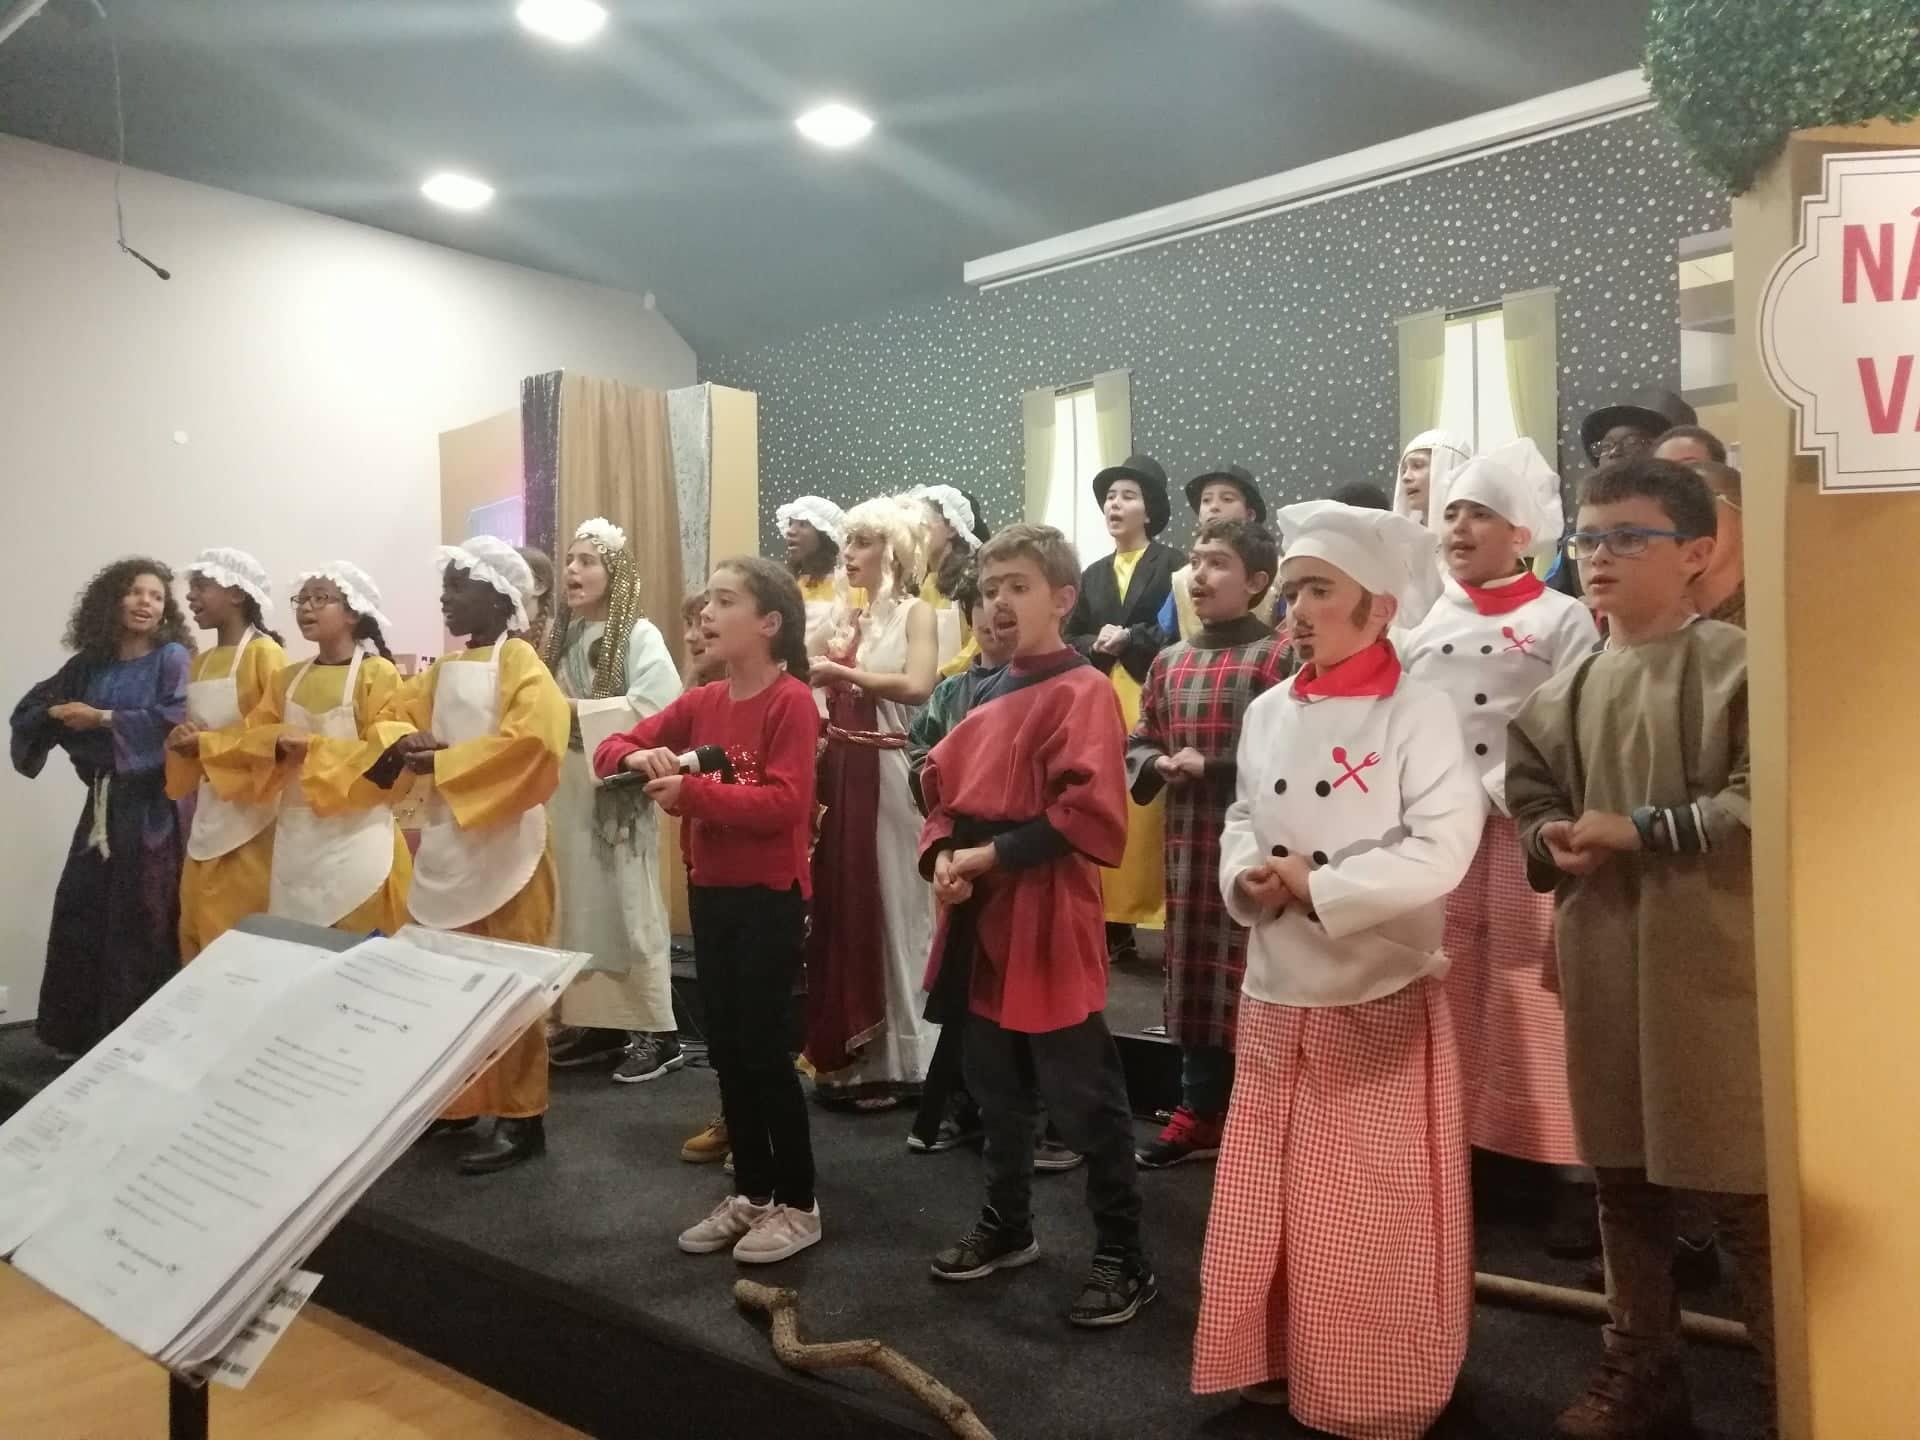 FESTA DE NATAL – IGREJA EVANGELICA DE FANHÕES – JOVENS DERAM VIDA À MENSAGEM DE NATAL COM UM ESPÉTACULO DE TEATRO!